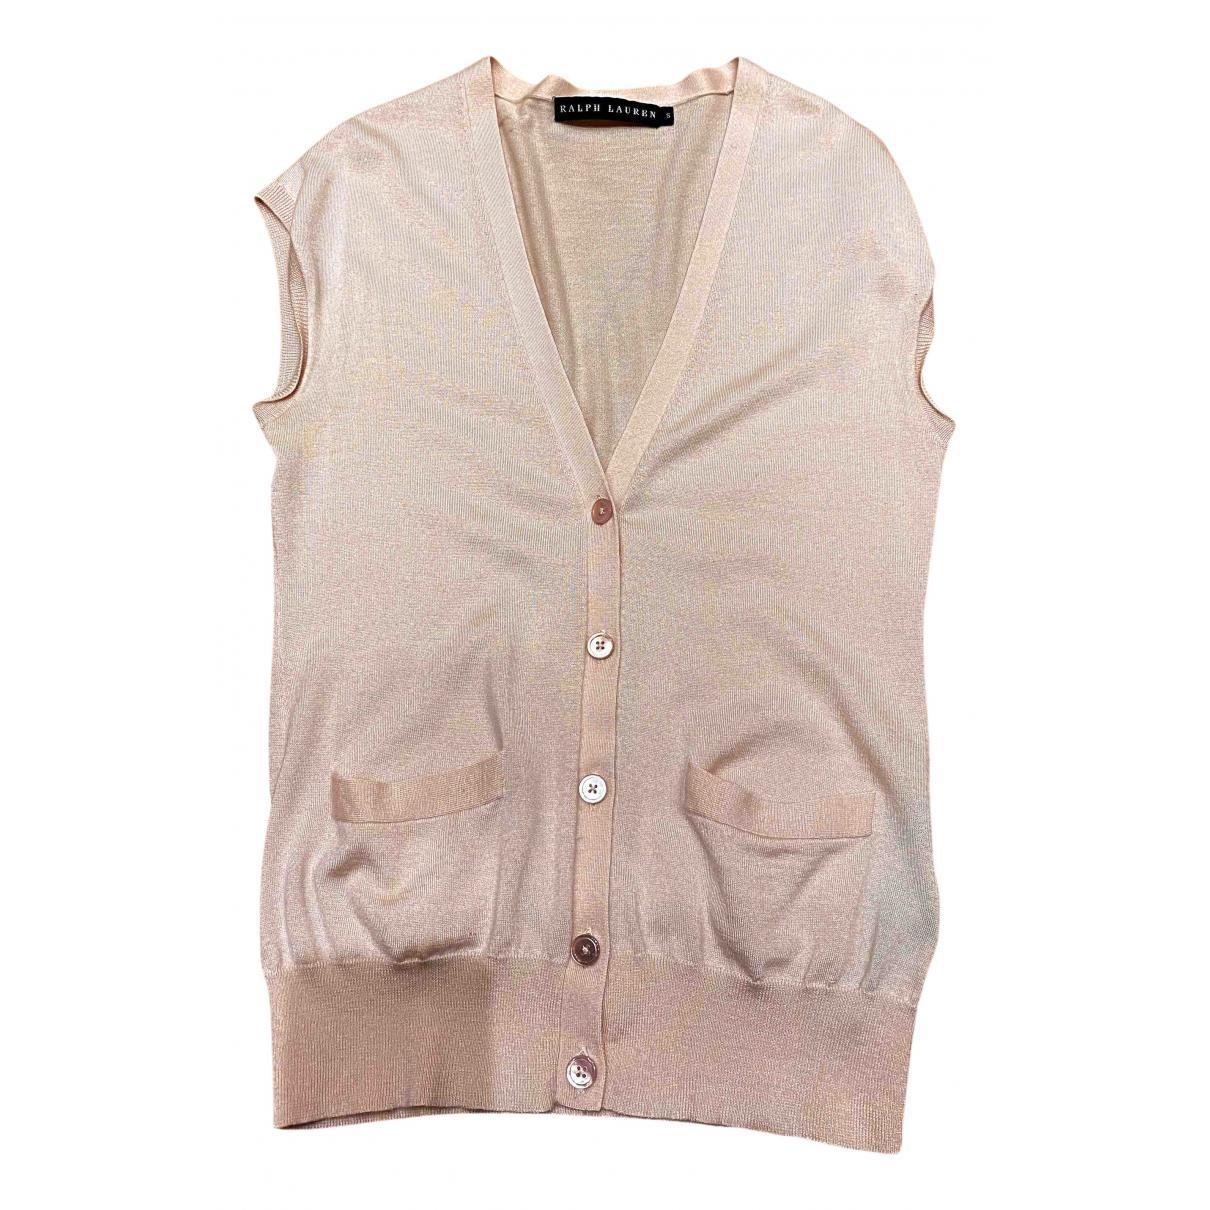 Ralph Lauren N Pink Cashmere Knitwear for Women S International